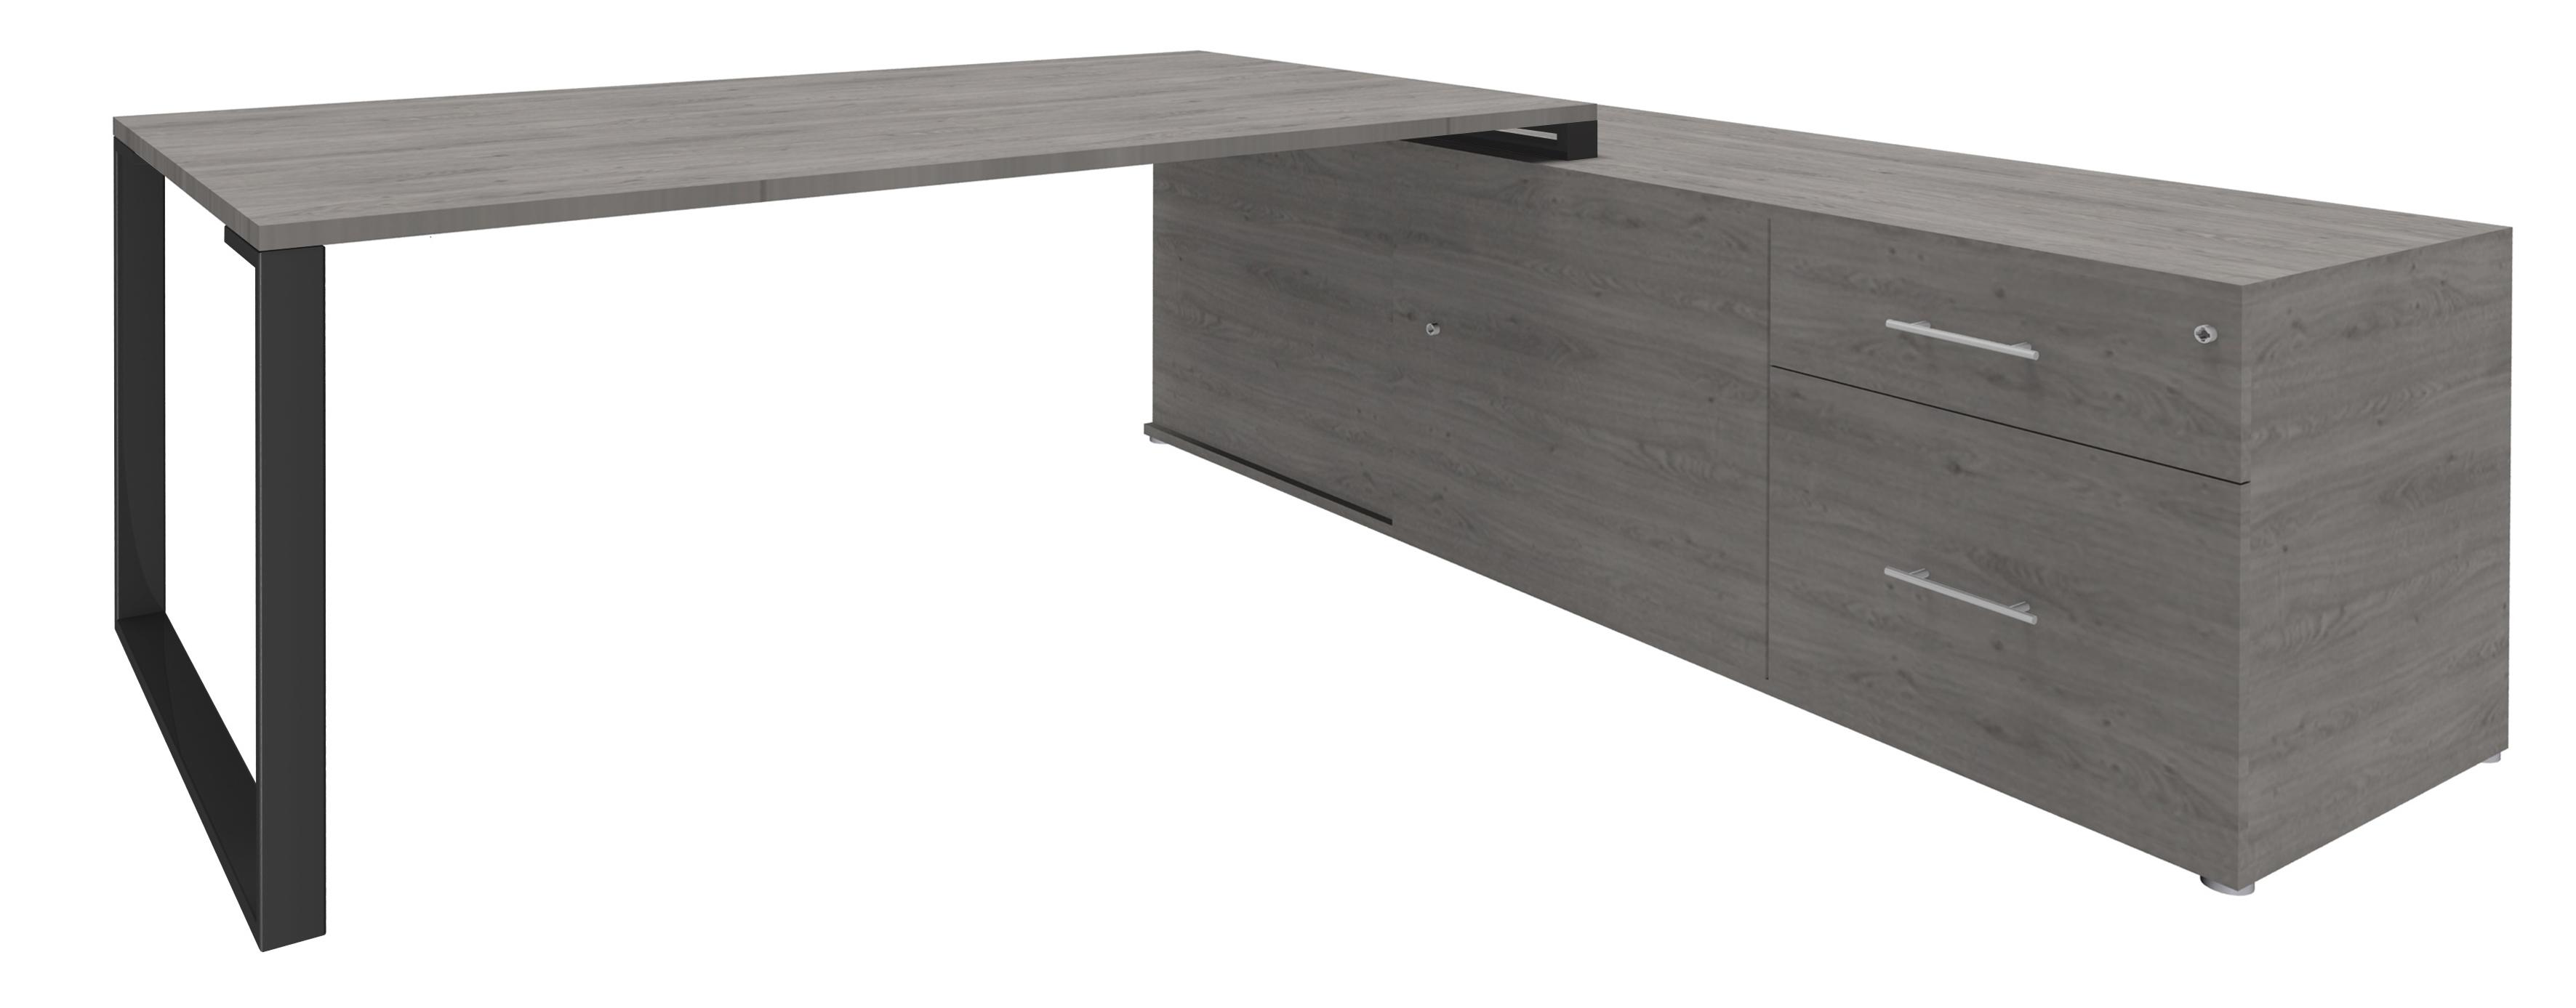 Bureau URBAN Manager - L180 x P100 x H72,5 cm - console retour à droite (tiroirs) L200 x P60 x H72,5 cm - pieds carbone - plateau imitation chêne gris